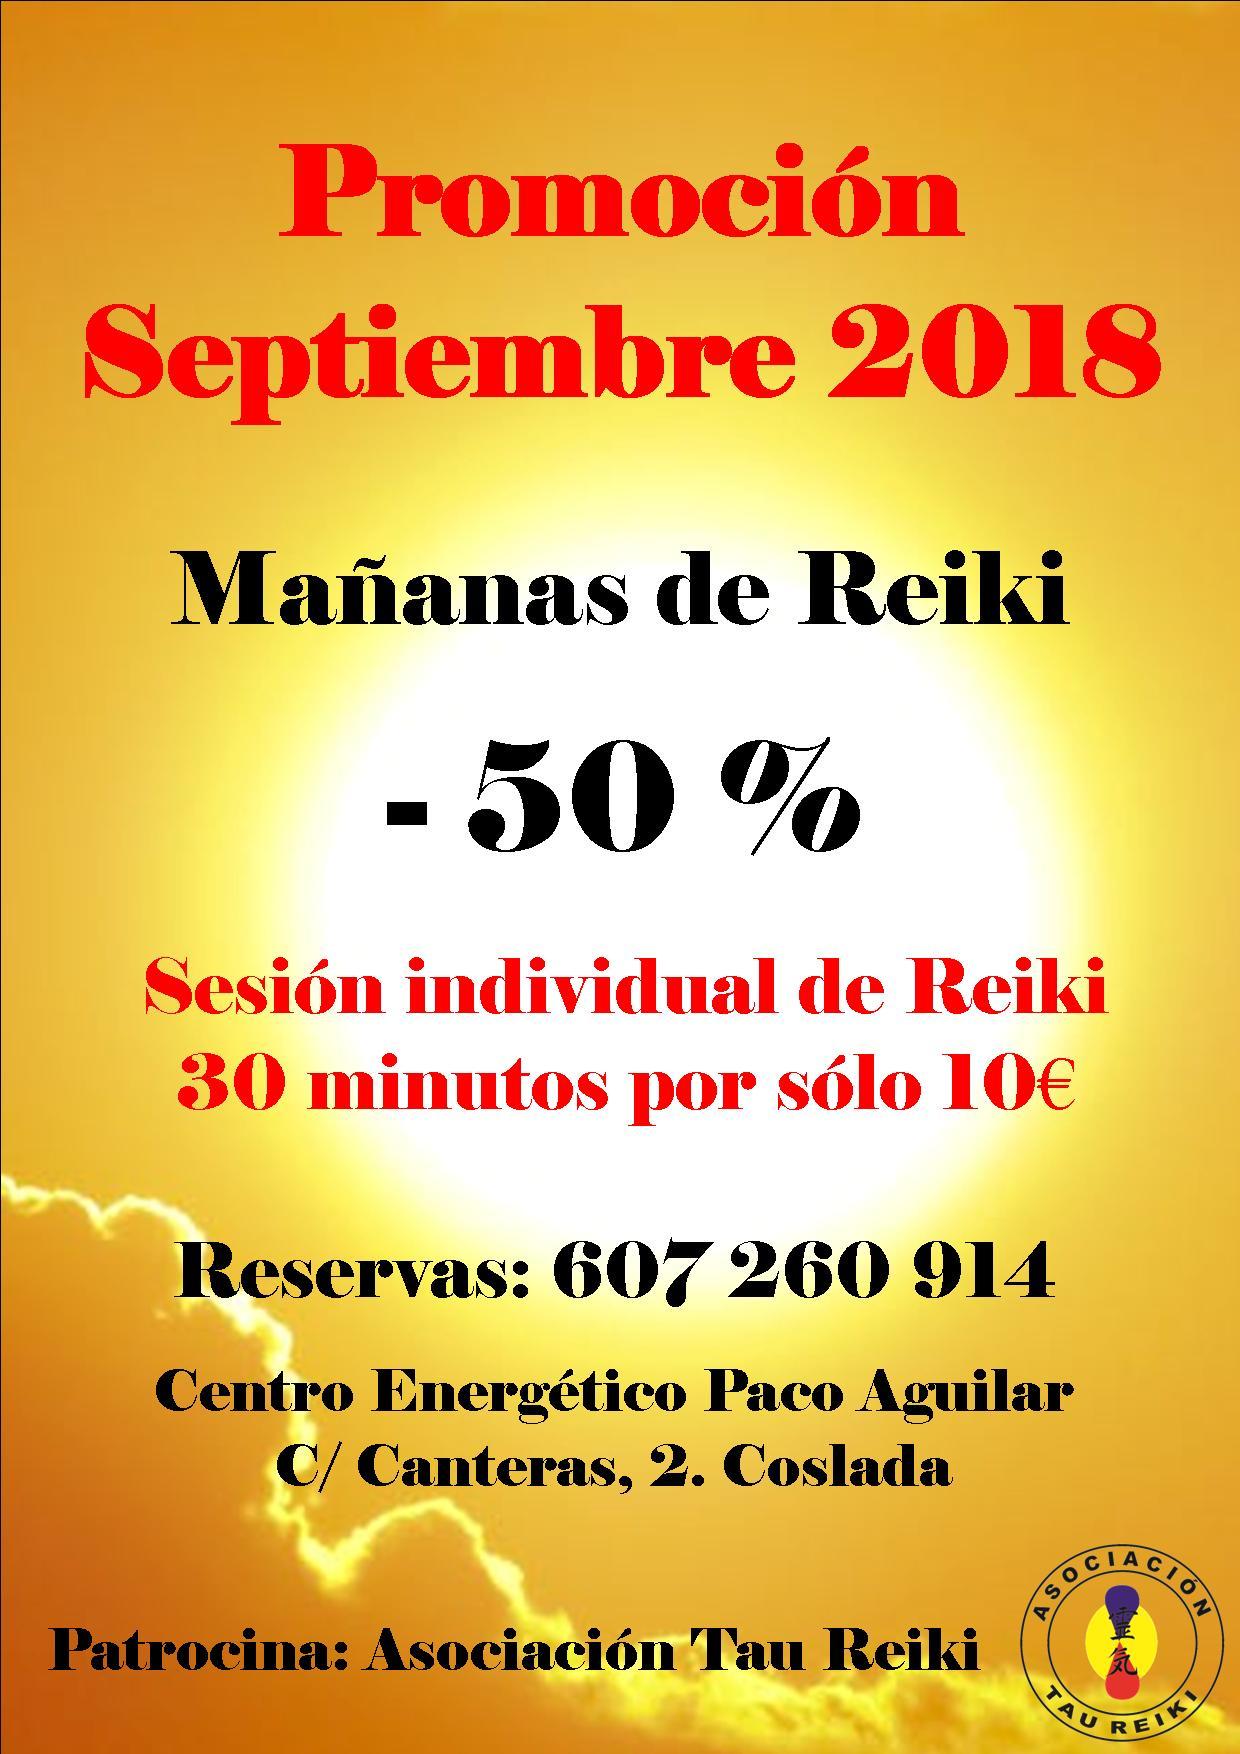 1536118241467_promocion_mananas_reiki sept18